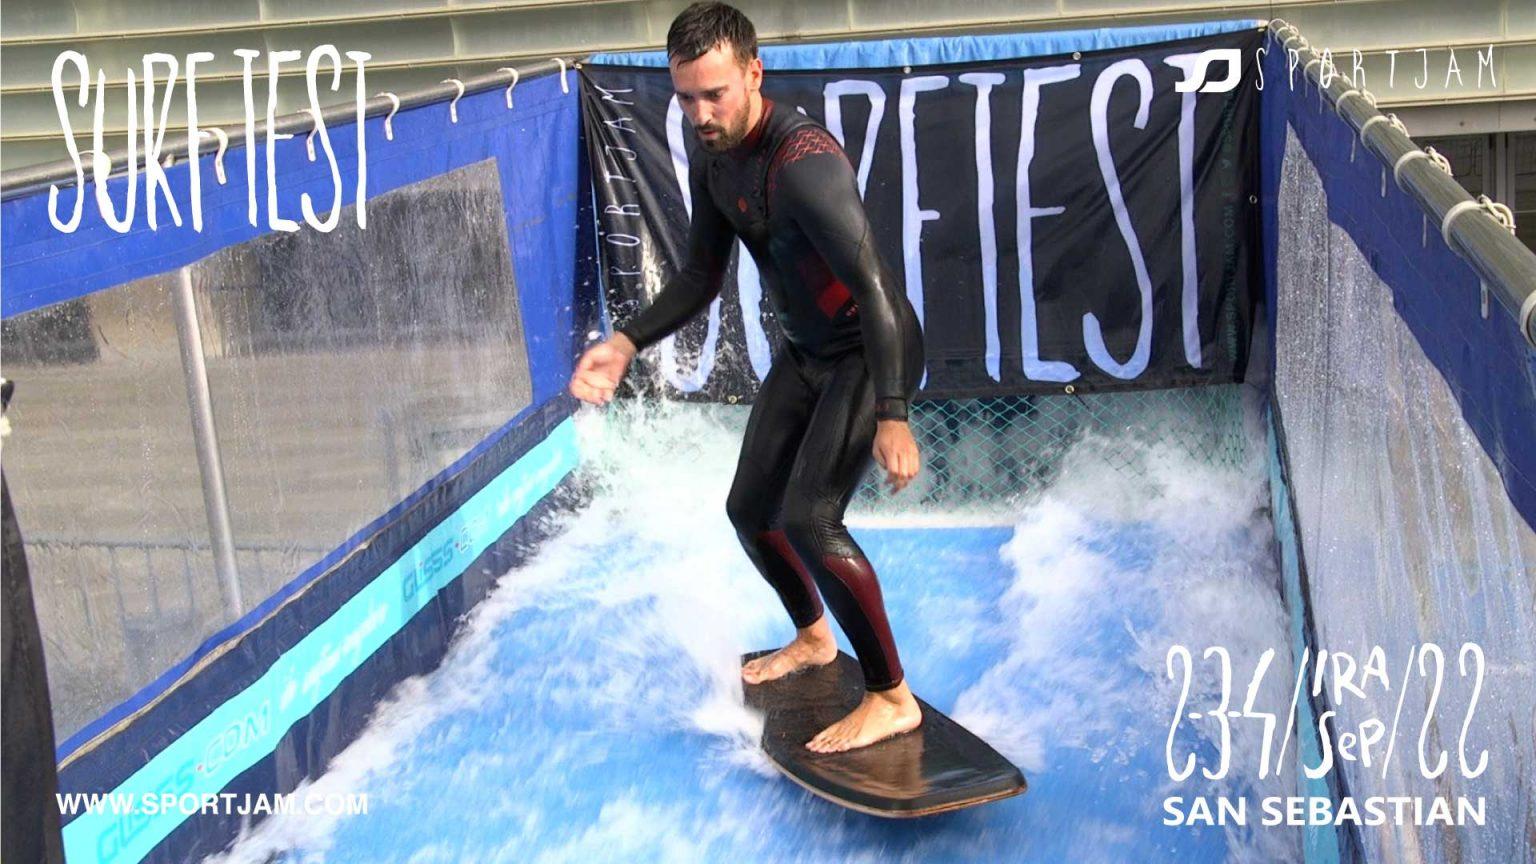 SURF-BOX-SPORTJAM-SURFTEST-2021